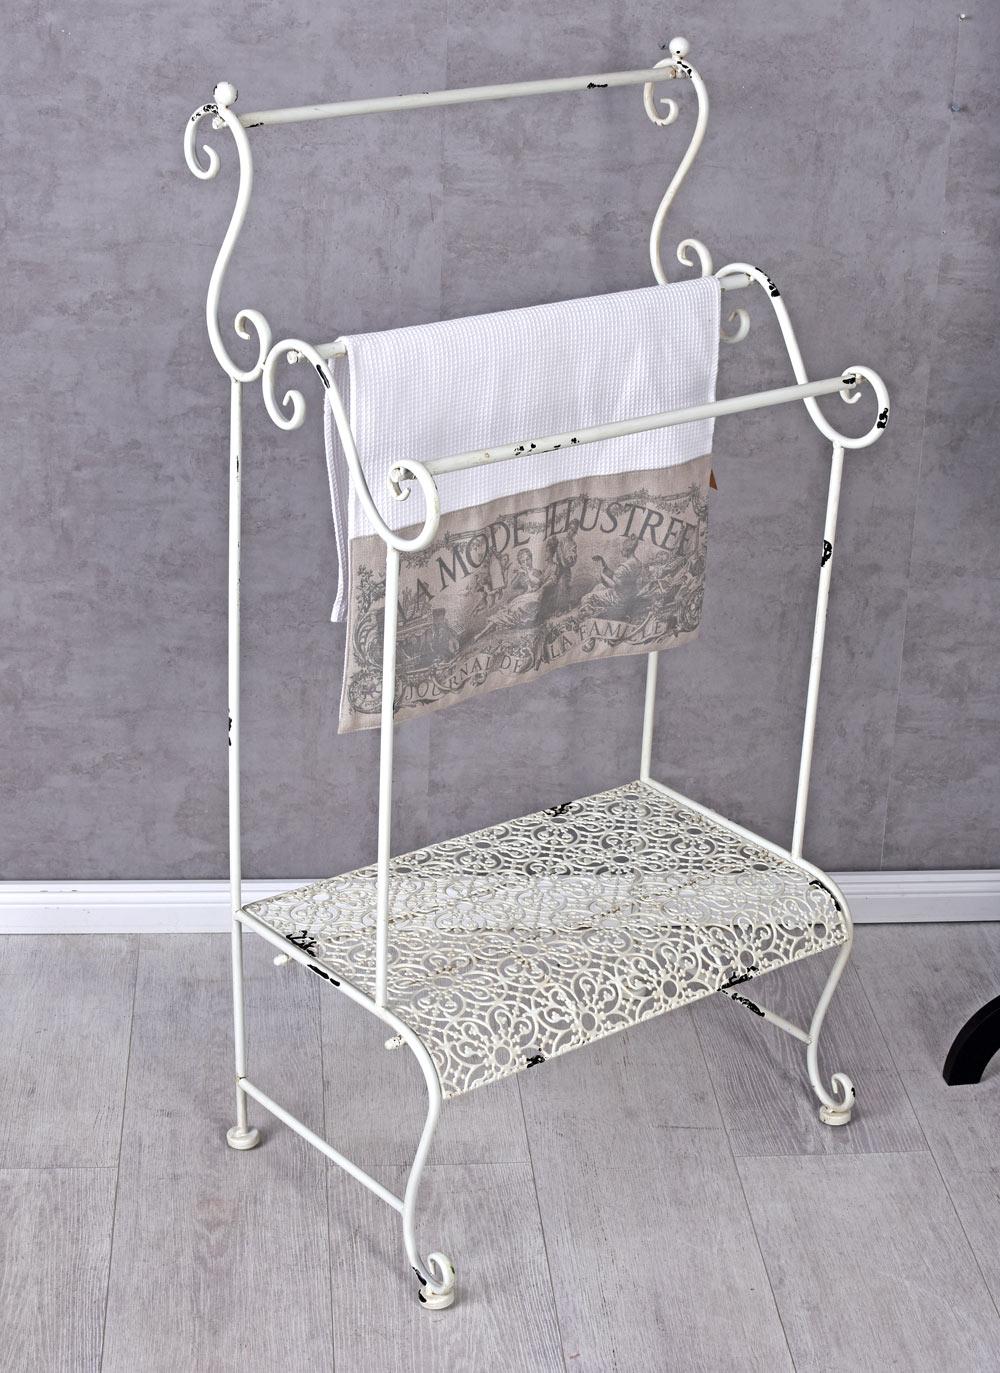 Handtuchständer Landhausstil Handtuchhalter Handtuchstange Metallständer Bad Handtuchhalter